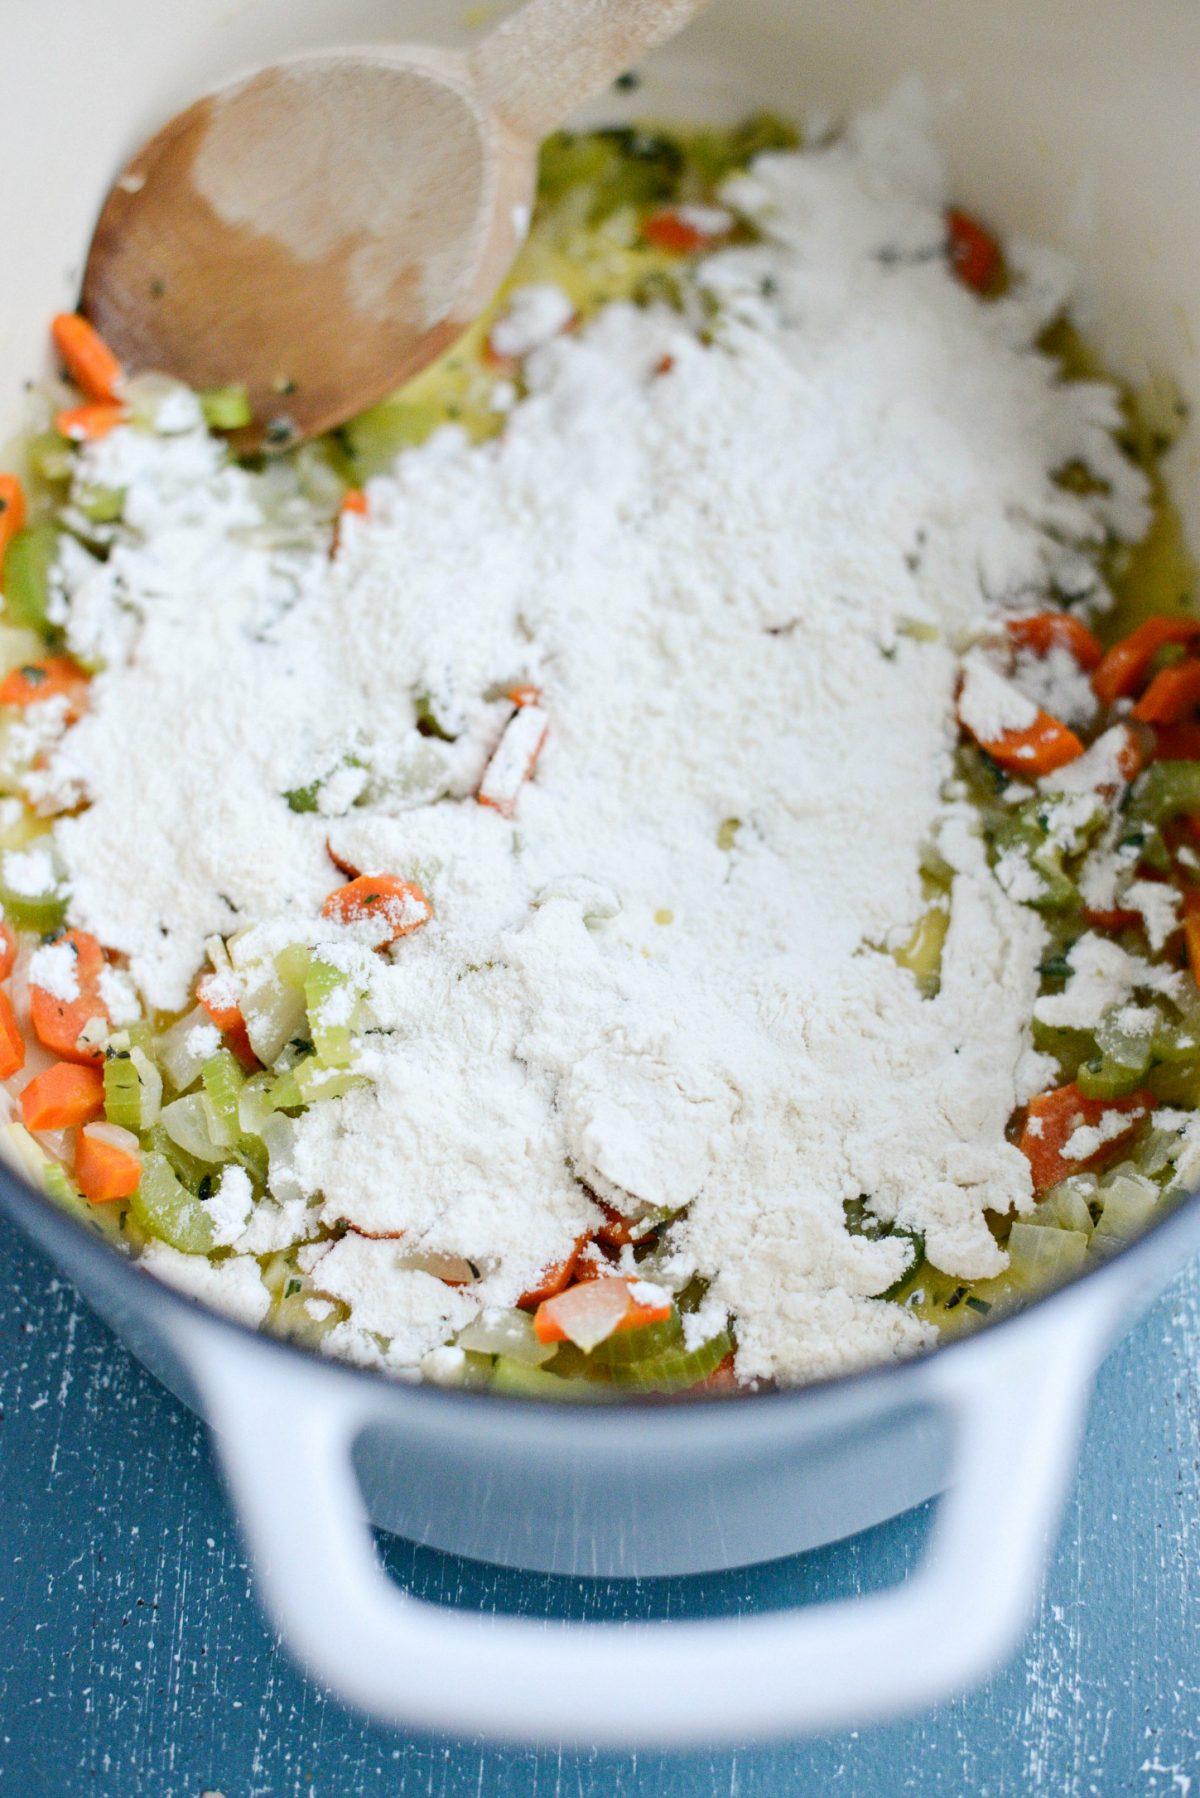 flour sprinkled over sautéed veggies and herbs.